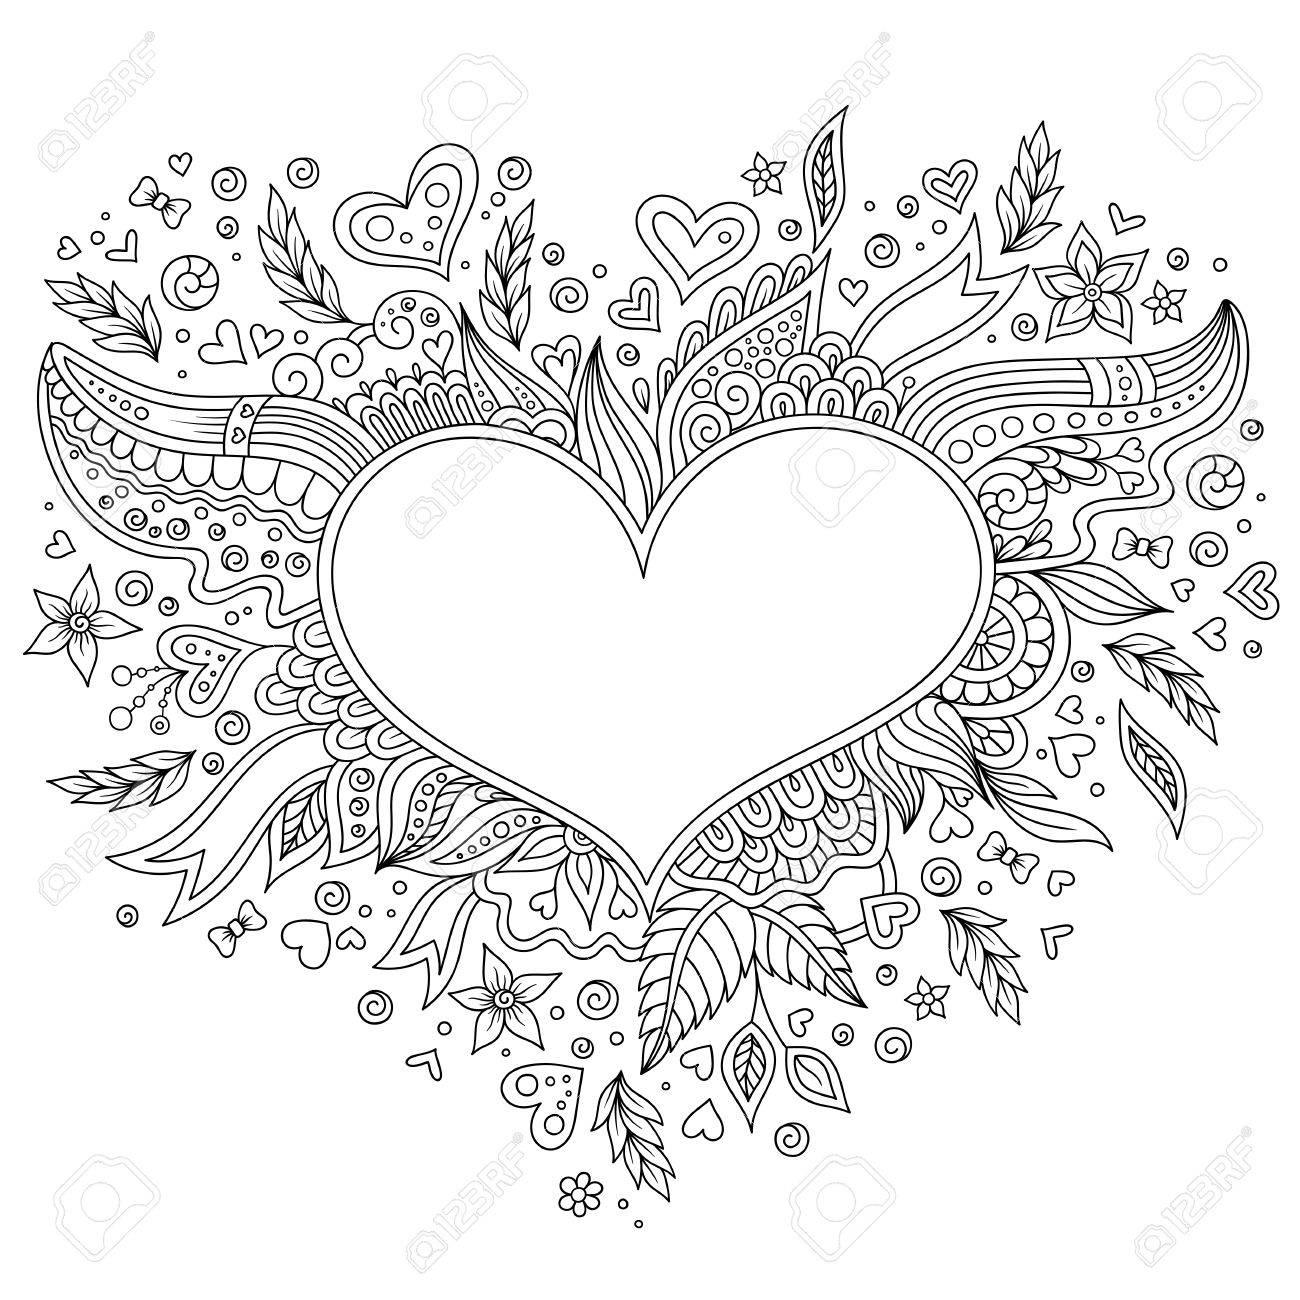 Coloriage Fleur Et Coeur.Coloriage Fleur Coeur De Jour De Saint Valentin Coloriage Avec Des